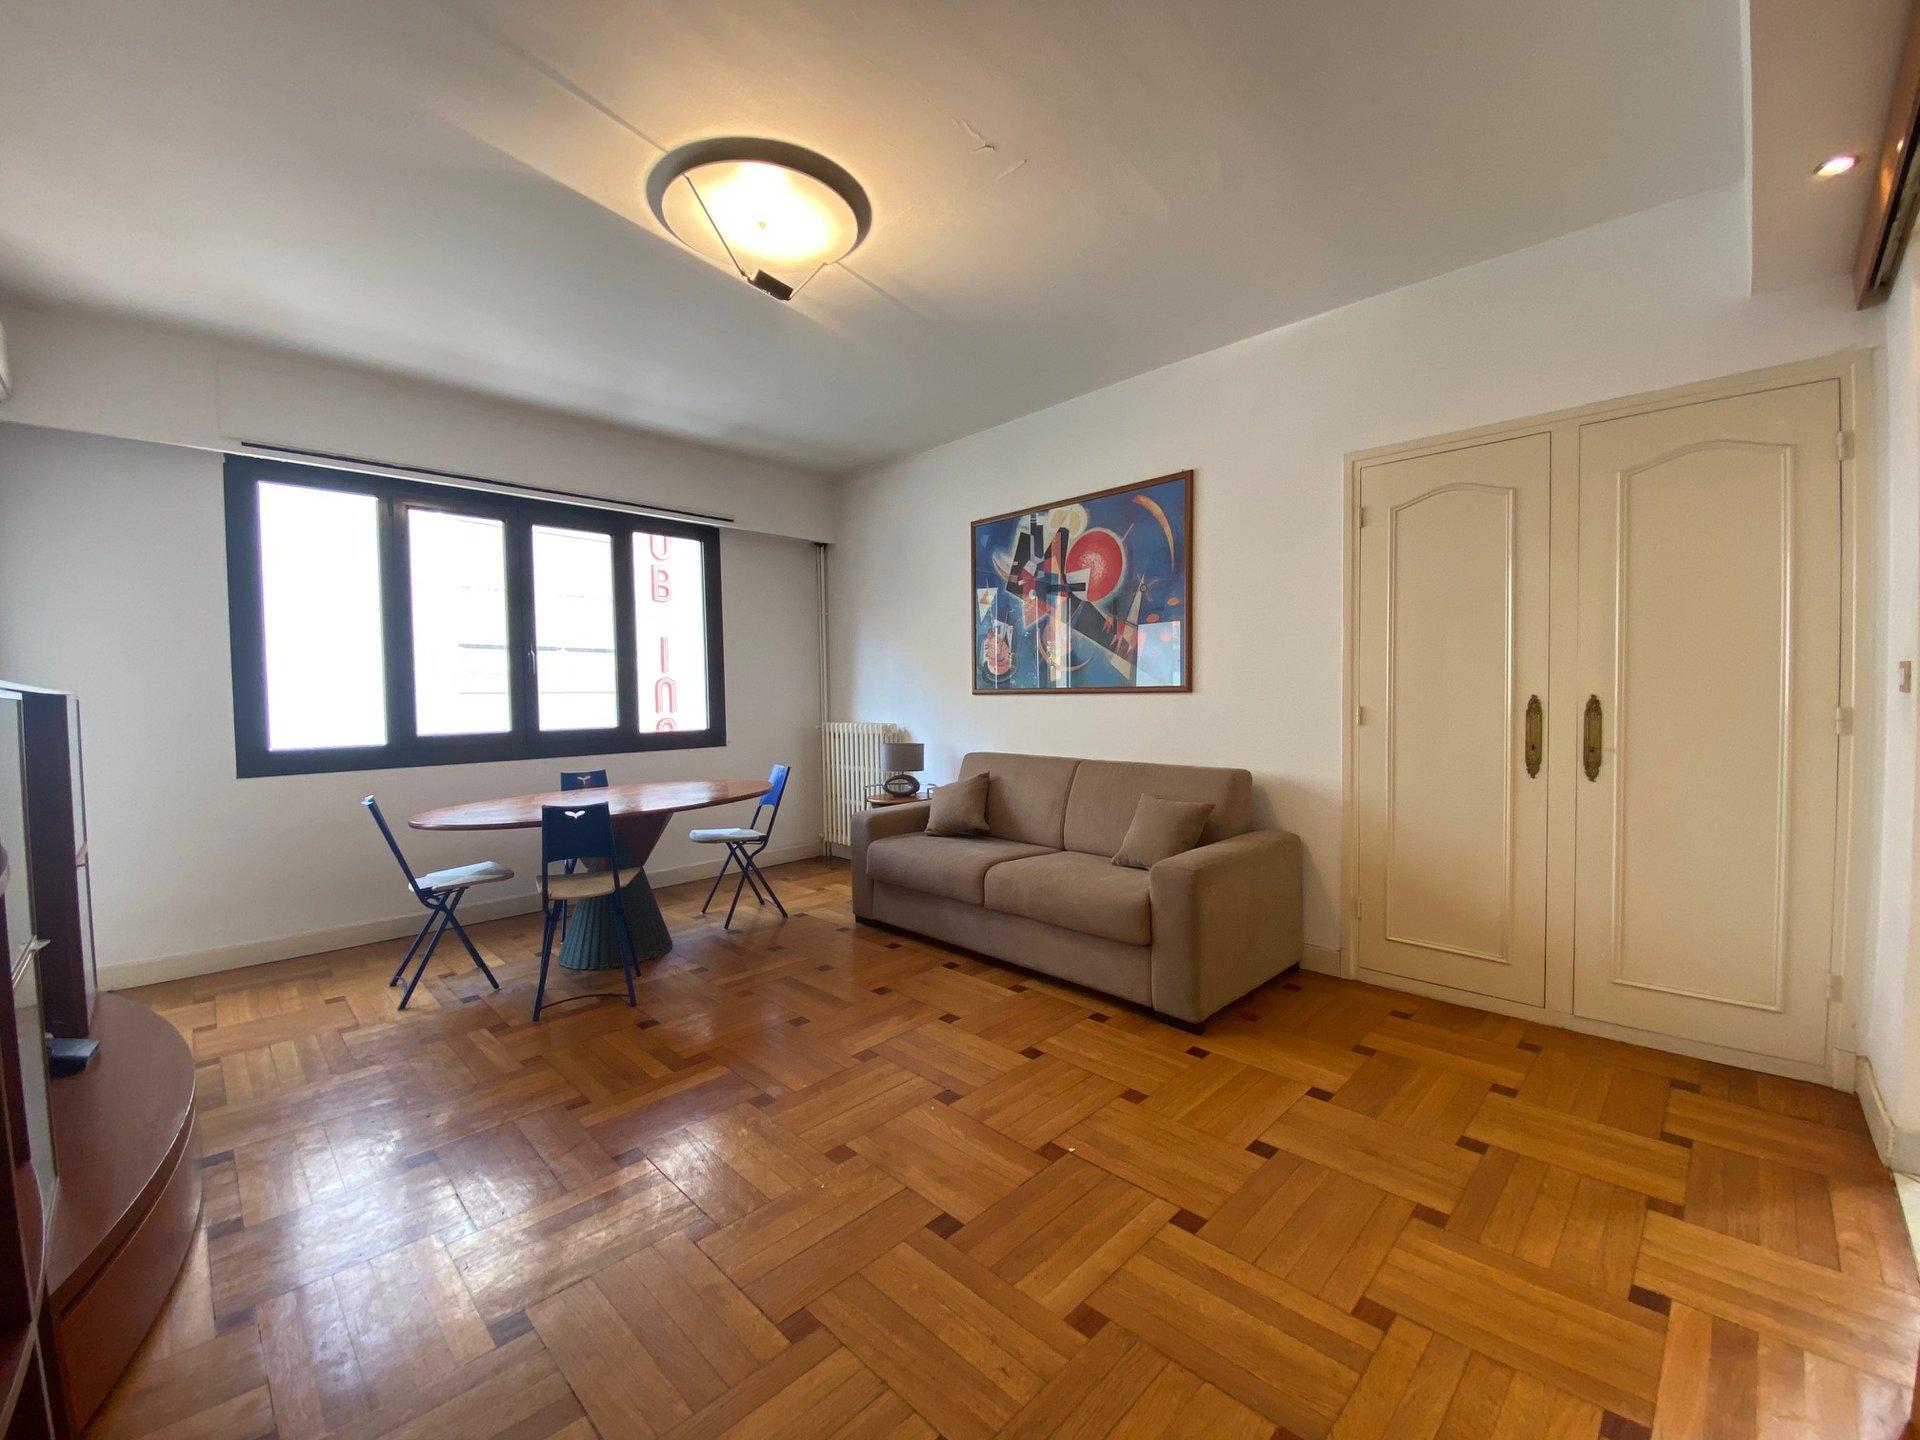 CARRE D'OR, 2 pièces meuble de 47 m² avec balcon et parking privé